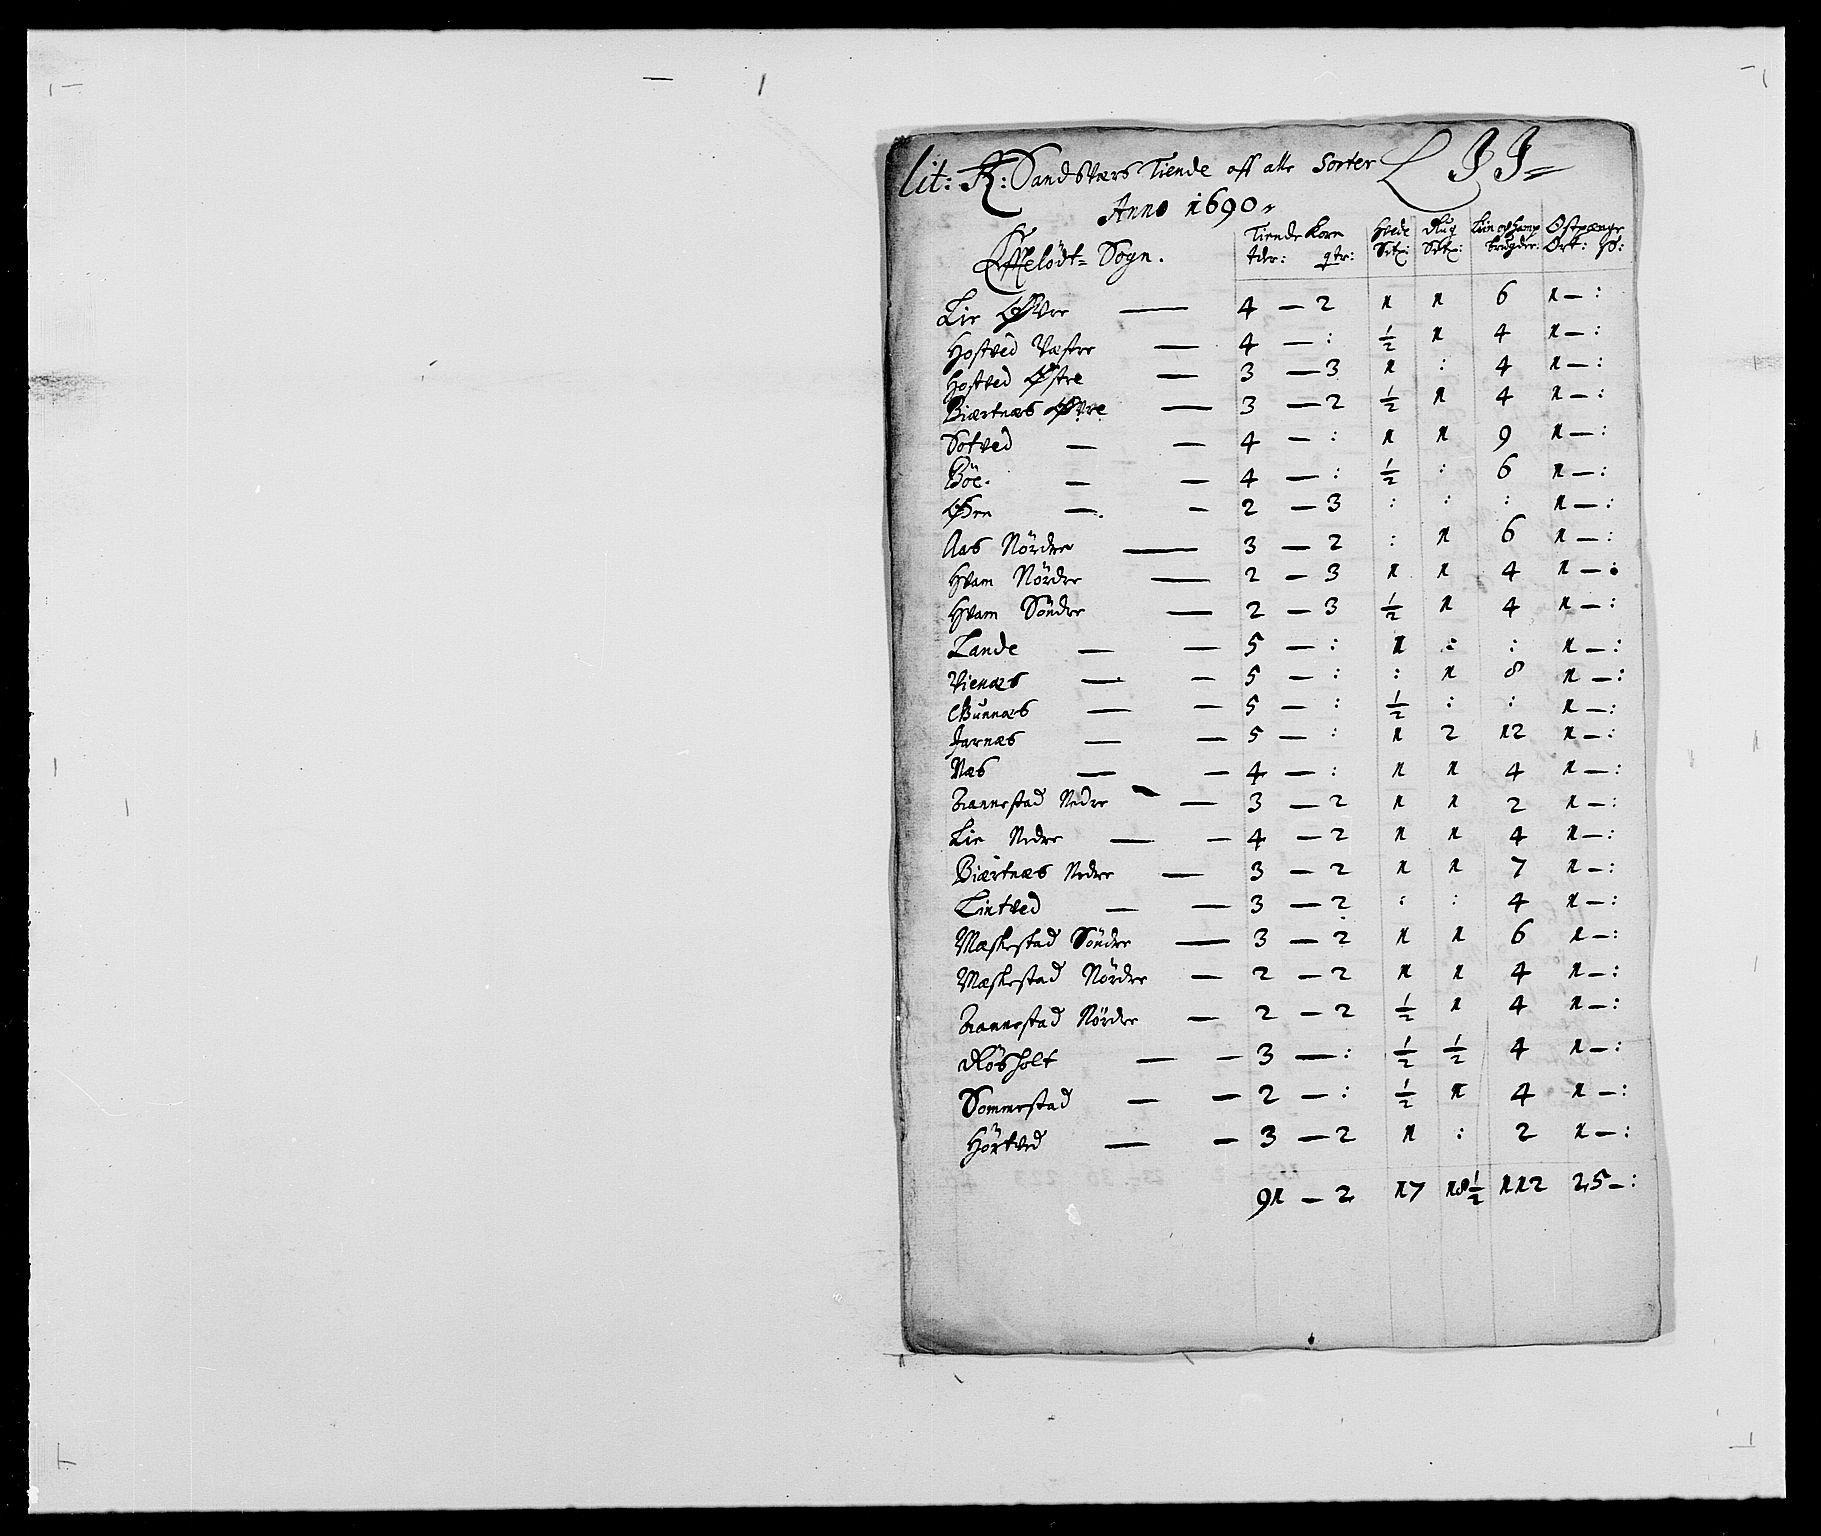 RA, Rentekammeret inntil 1814, Reviderte regnskaper, Fogderegnskap, R24/L1573: Fogderegnskap Numedal og Sandsvær, 1687-1691, s. 470